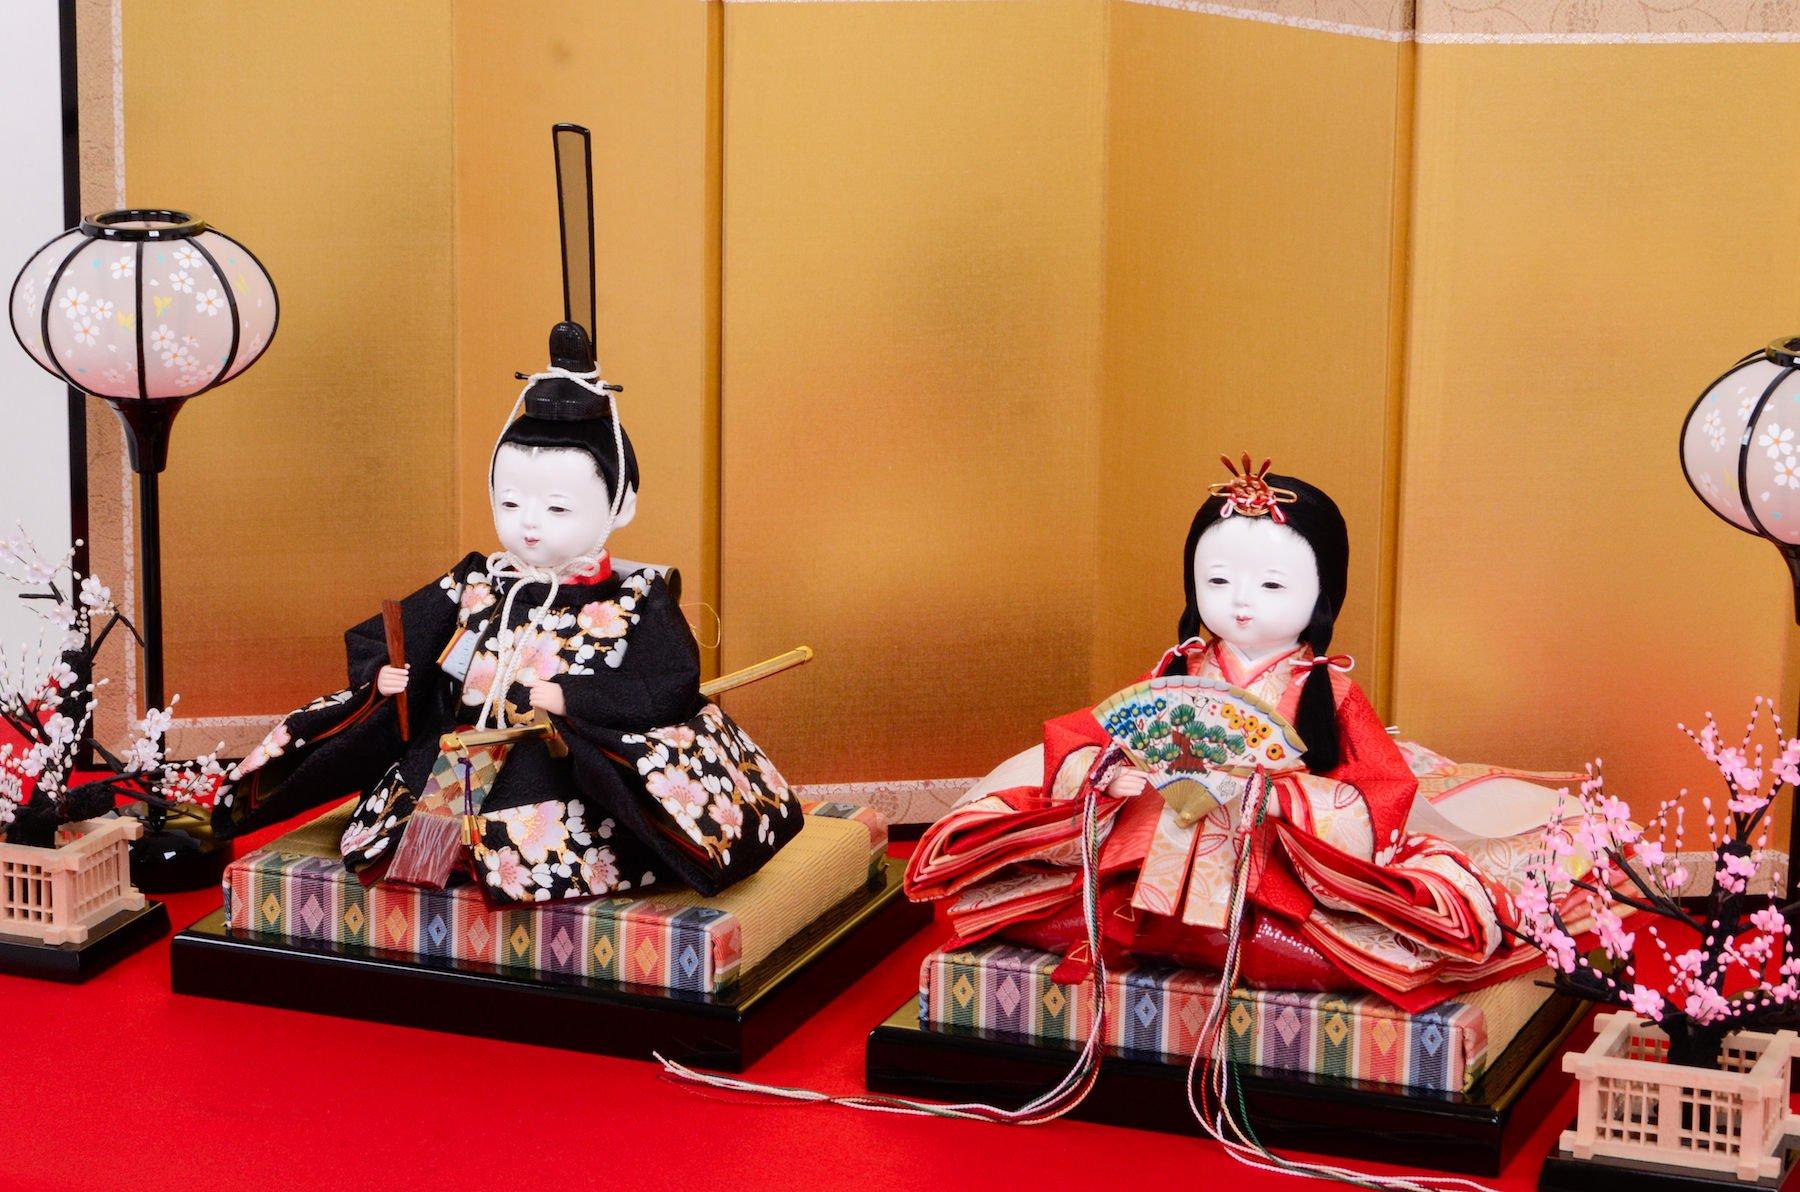 小倉松寿 - JapaneseClass.jp